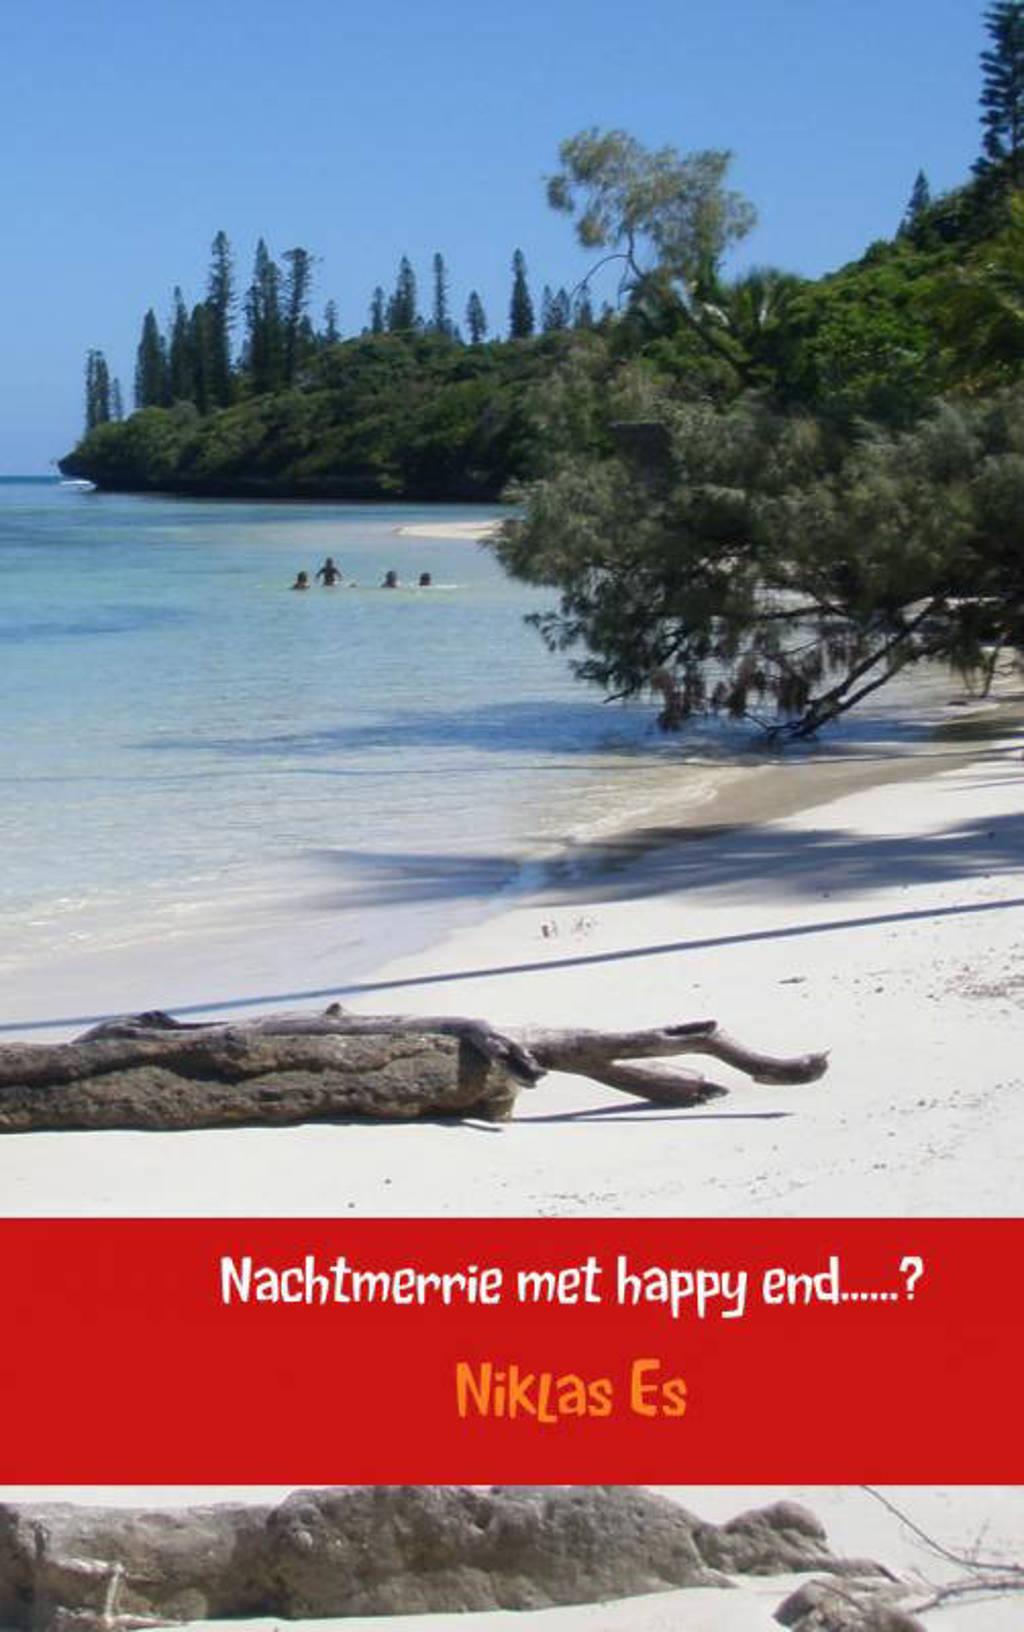 Nachtmerrie met happy end......? - Niklas Es